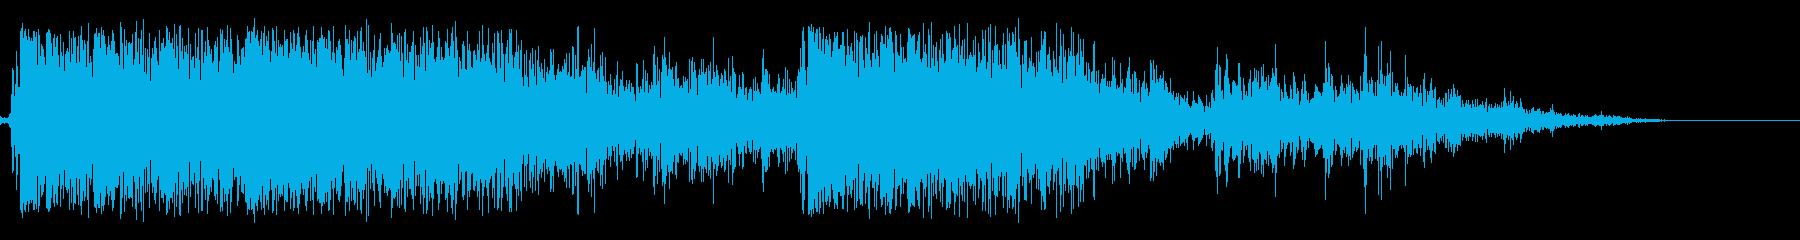 【銃声音008】3発発砲の再生済みの波形